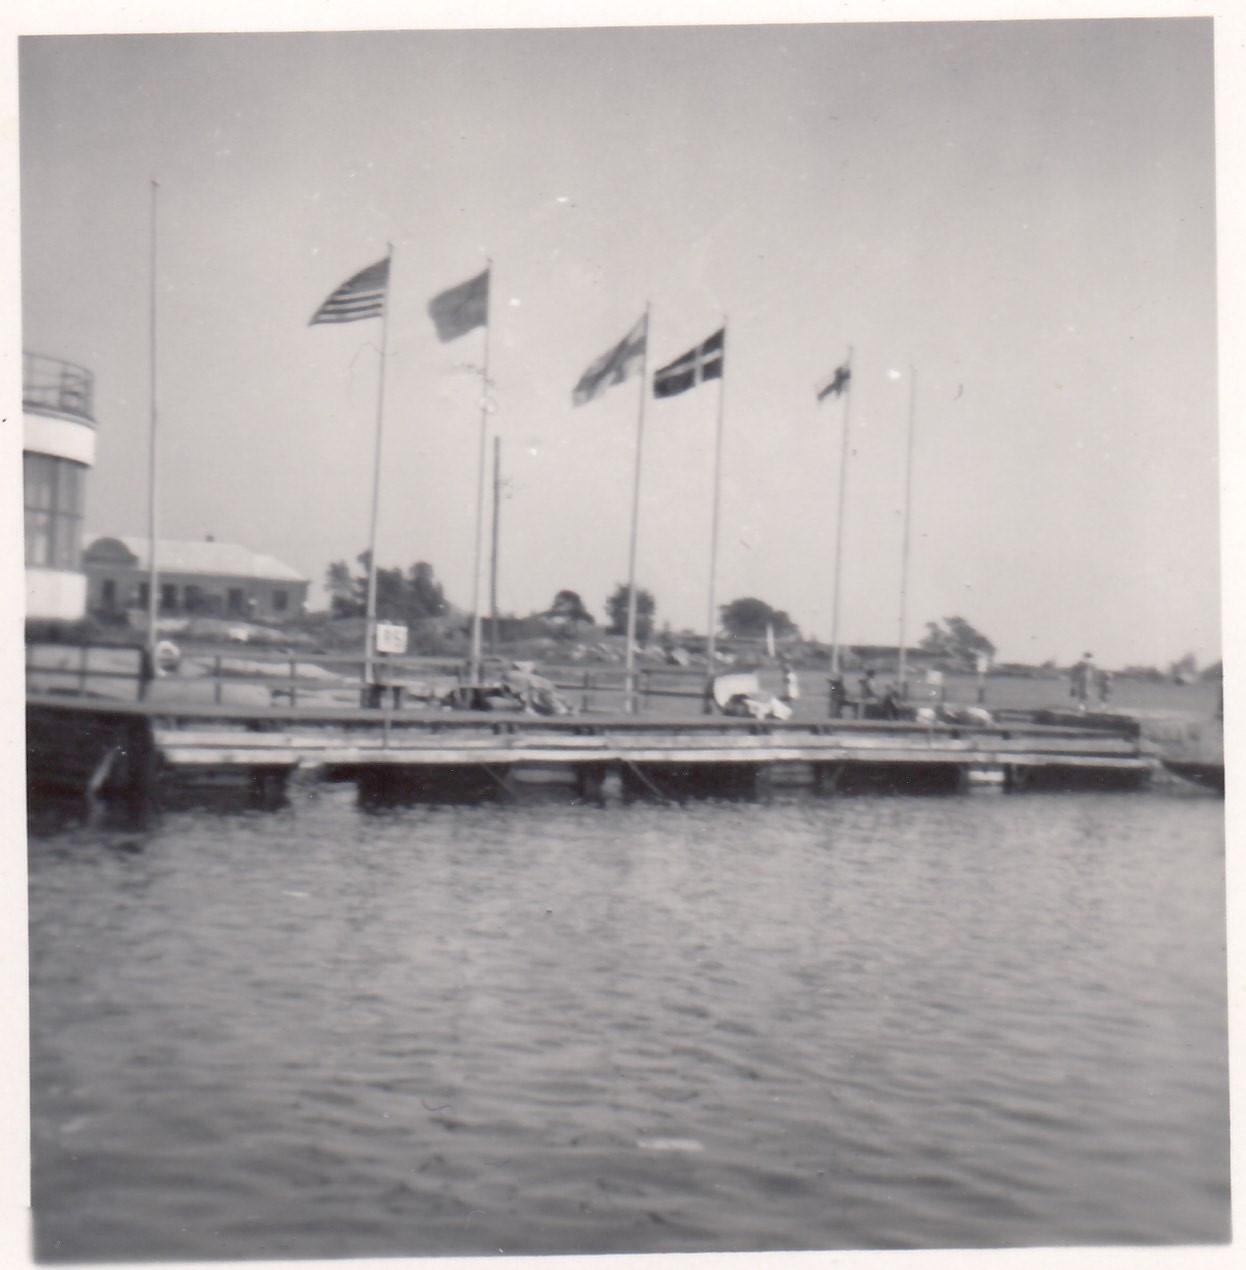 Le drapeau des îles Féroé a flotté lors de la cérémonie de clôture des Jeux olympiques de 1952 après que les Chinois ont quitté l'événement tôt © Súsanna í Búðini